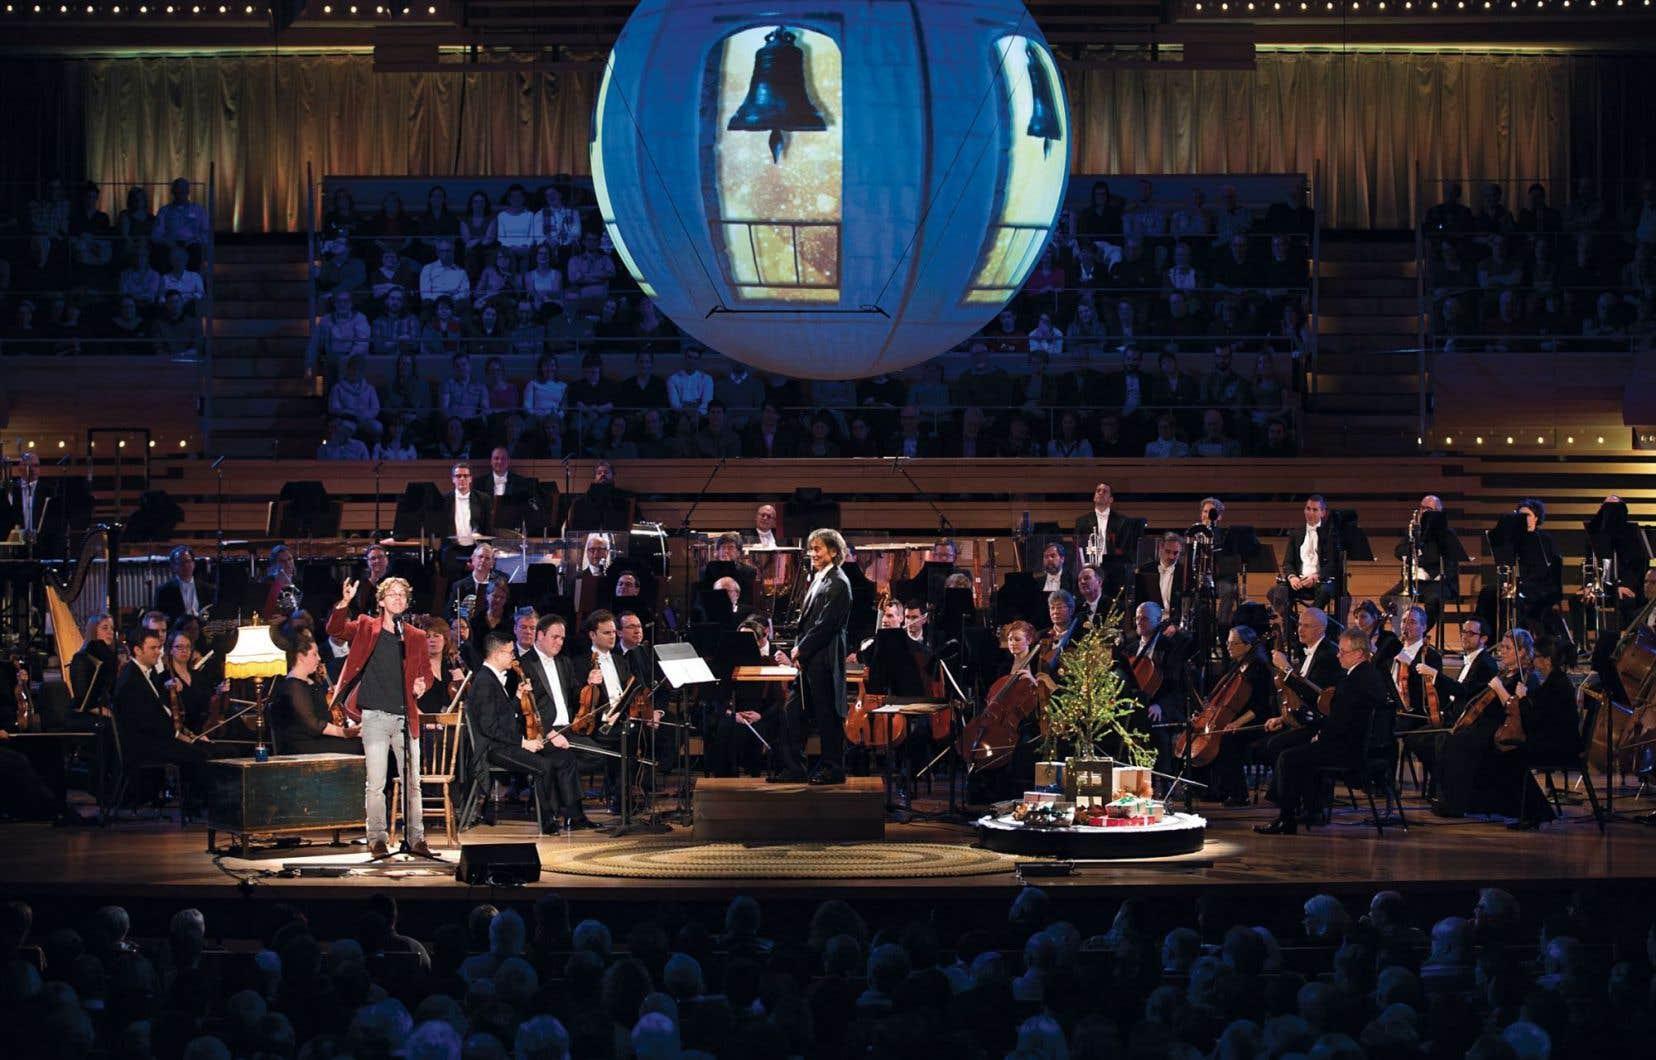 Fred Pellerin à la Maison symphonique lors du spectacle Il est né le divin enfin!avec l'Orchestre symphonique de Montréal, le 9décembre dernier.